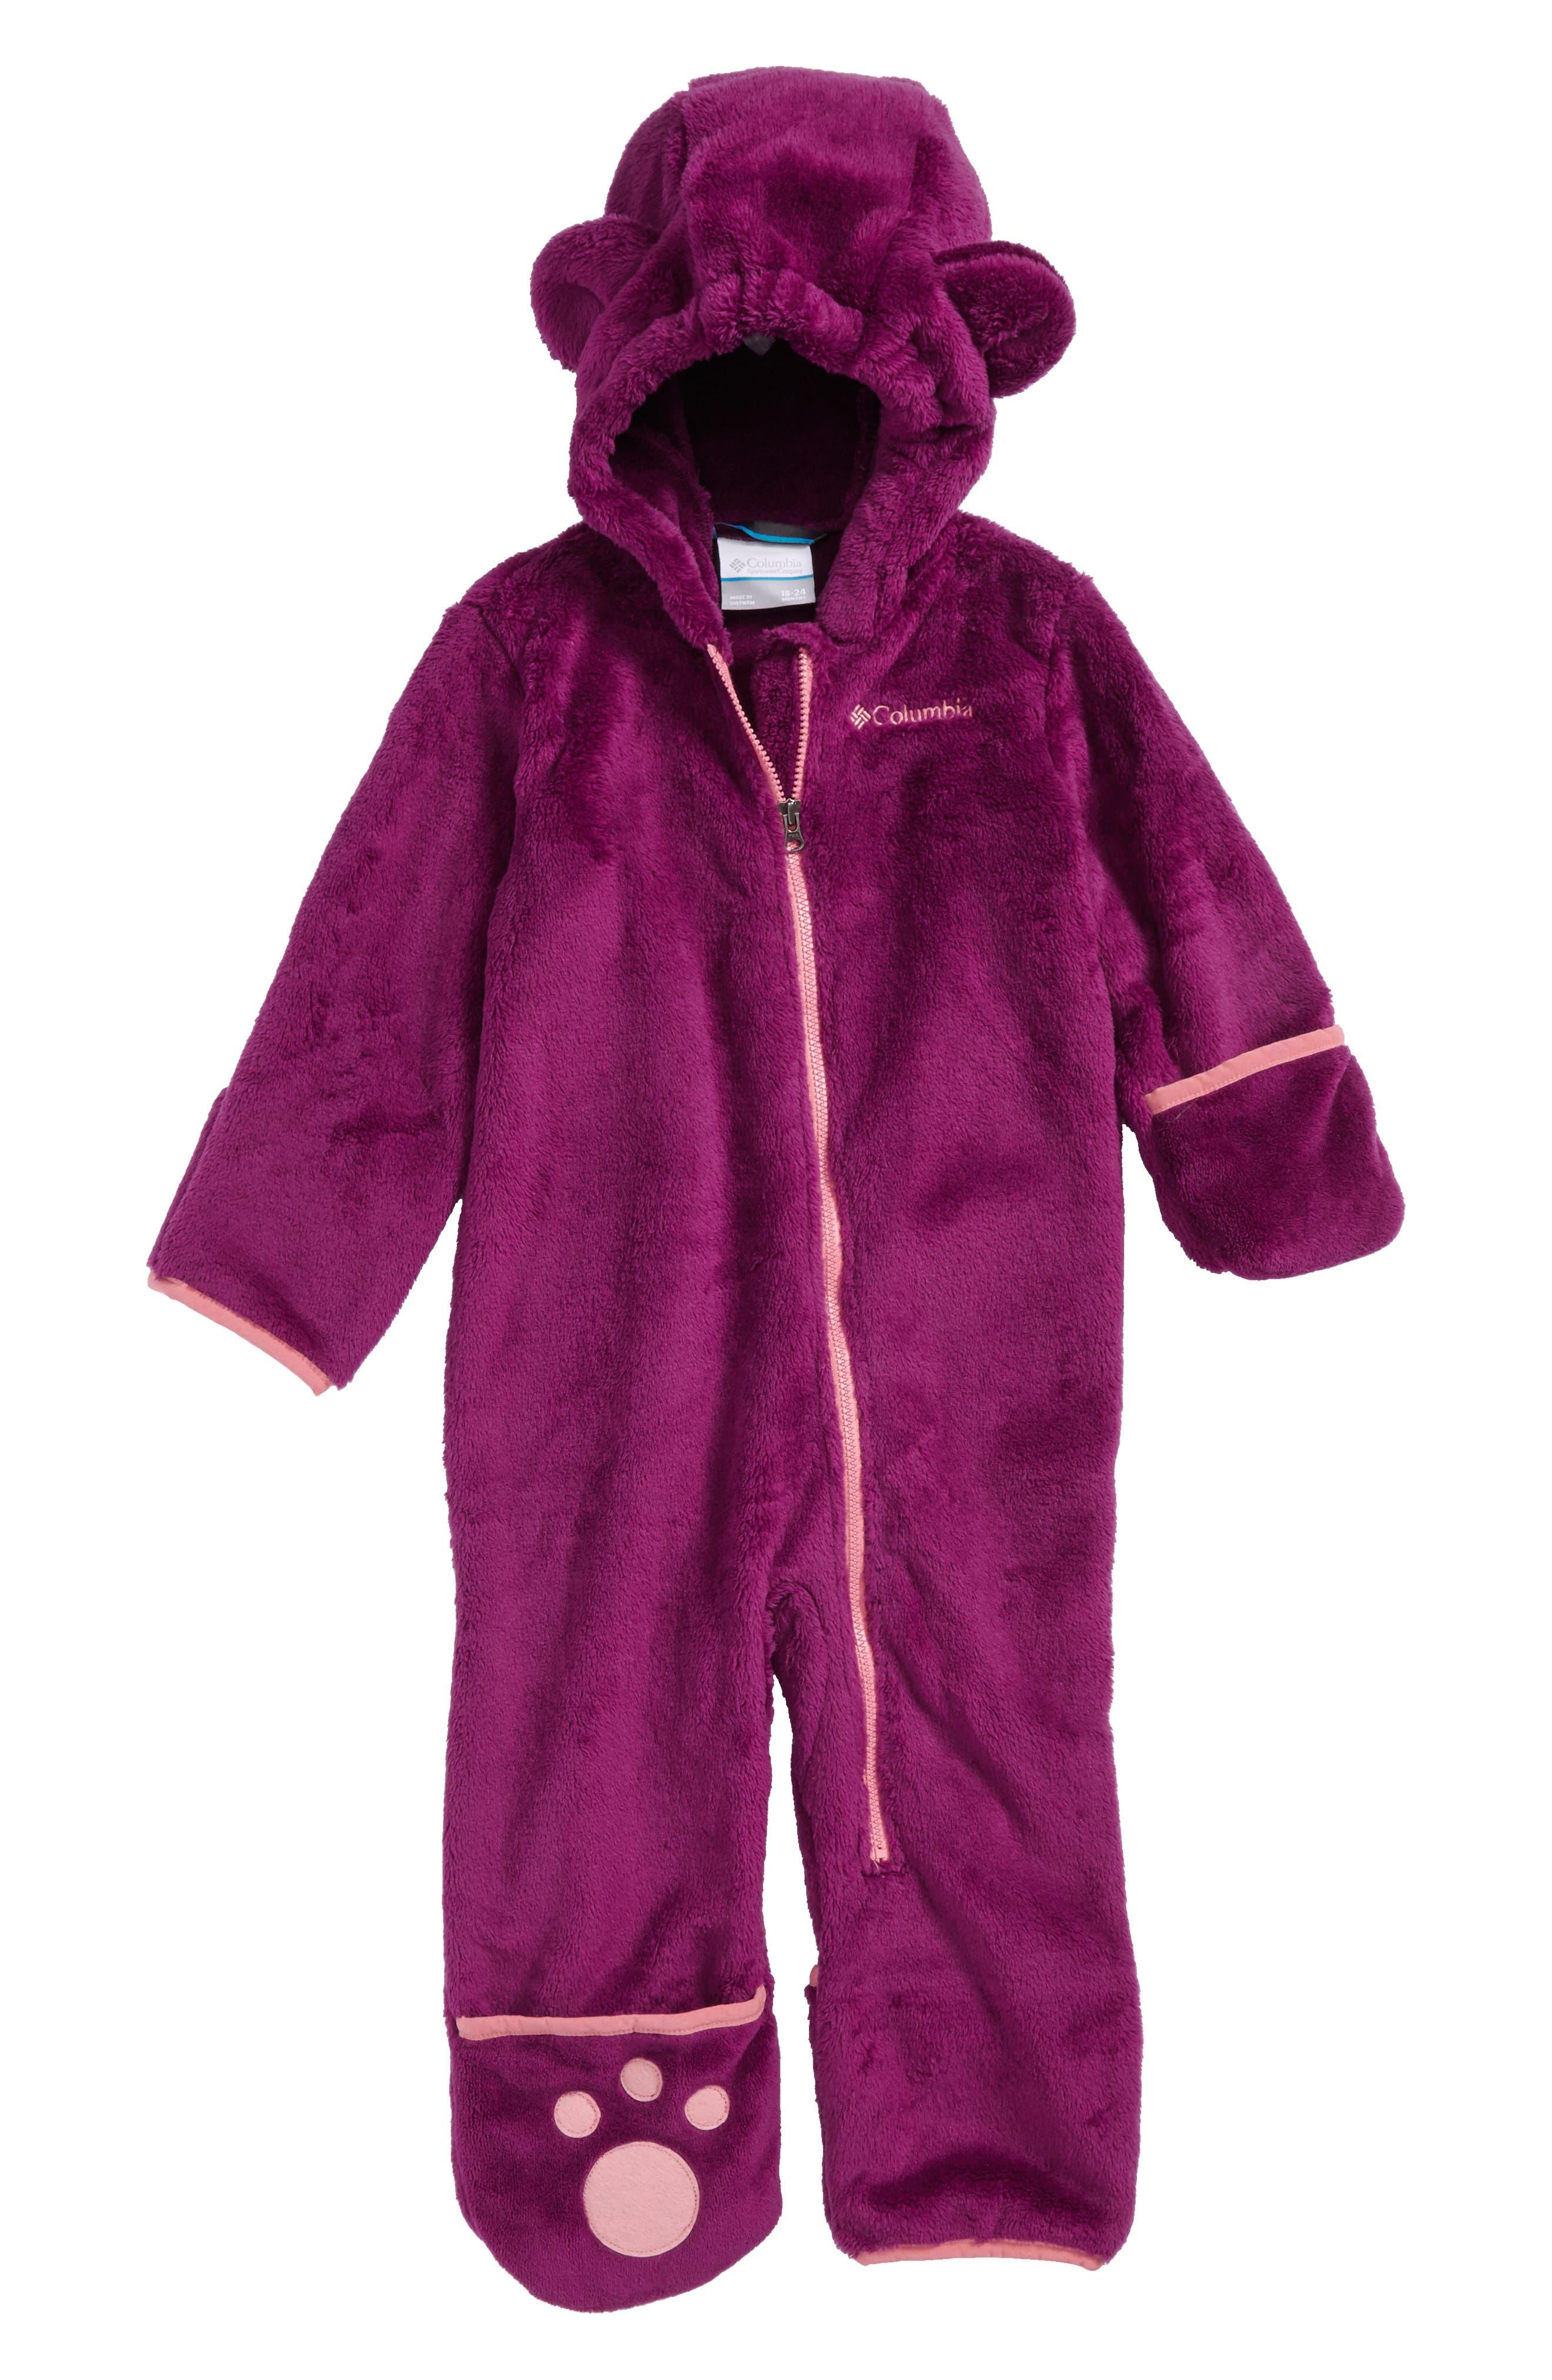 Columbia Foxy II Fleece Snowsuit (Baby Girls)